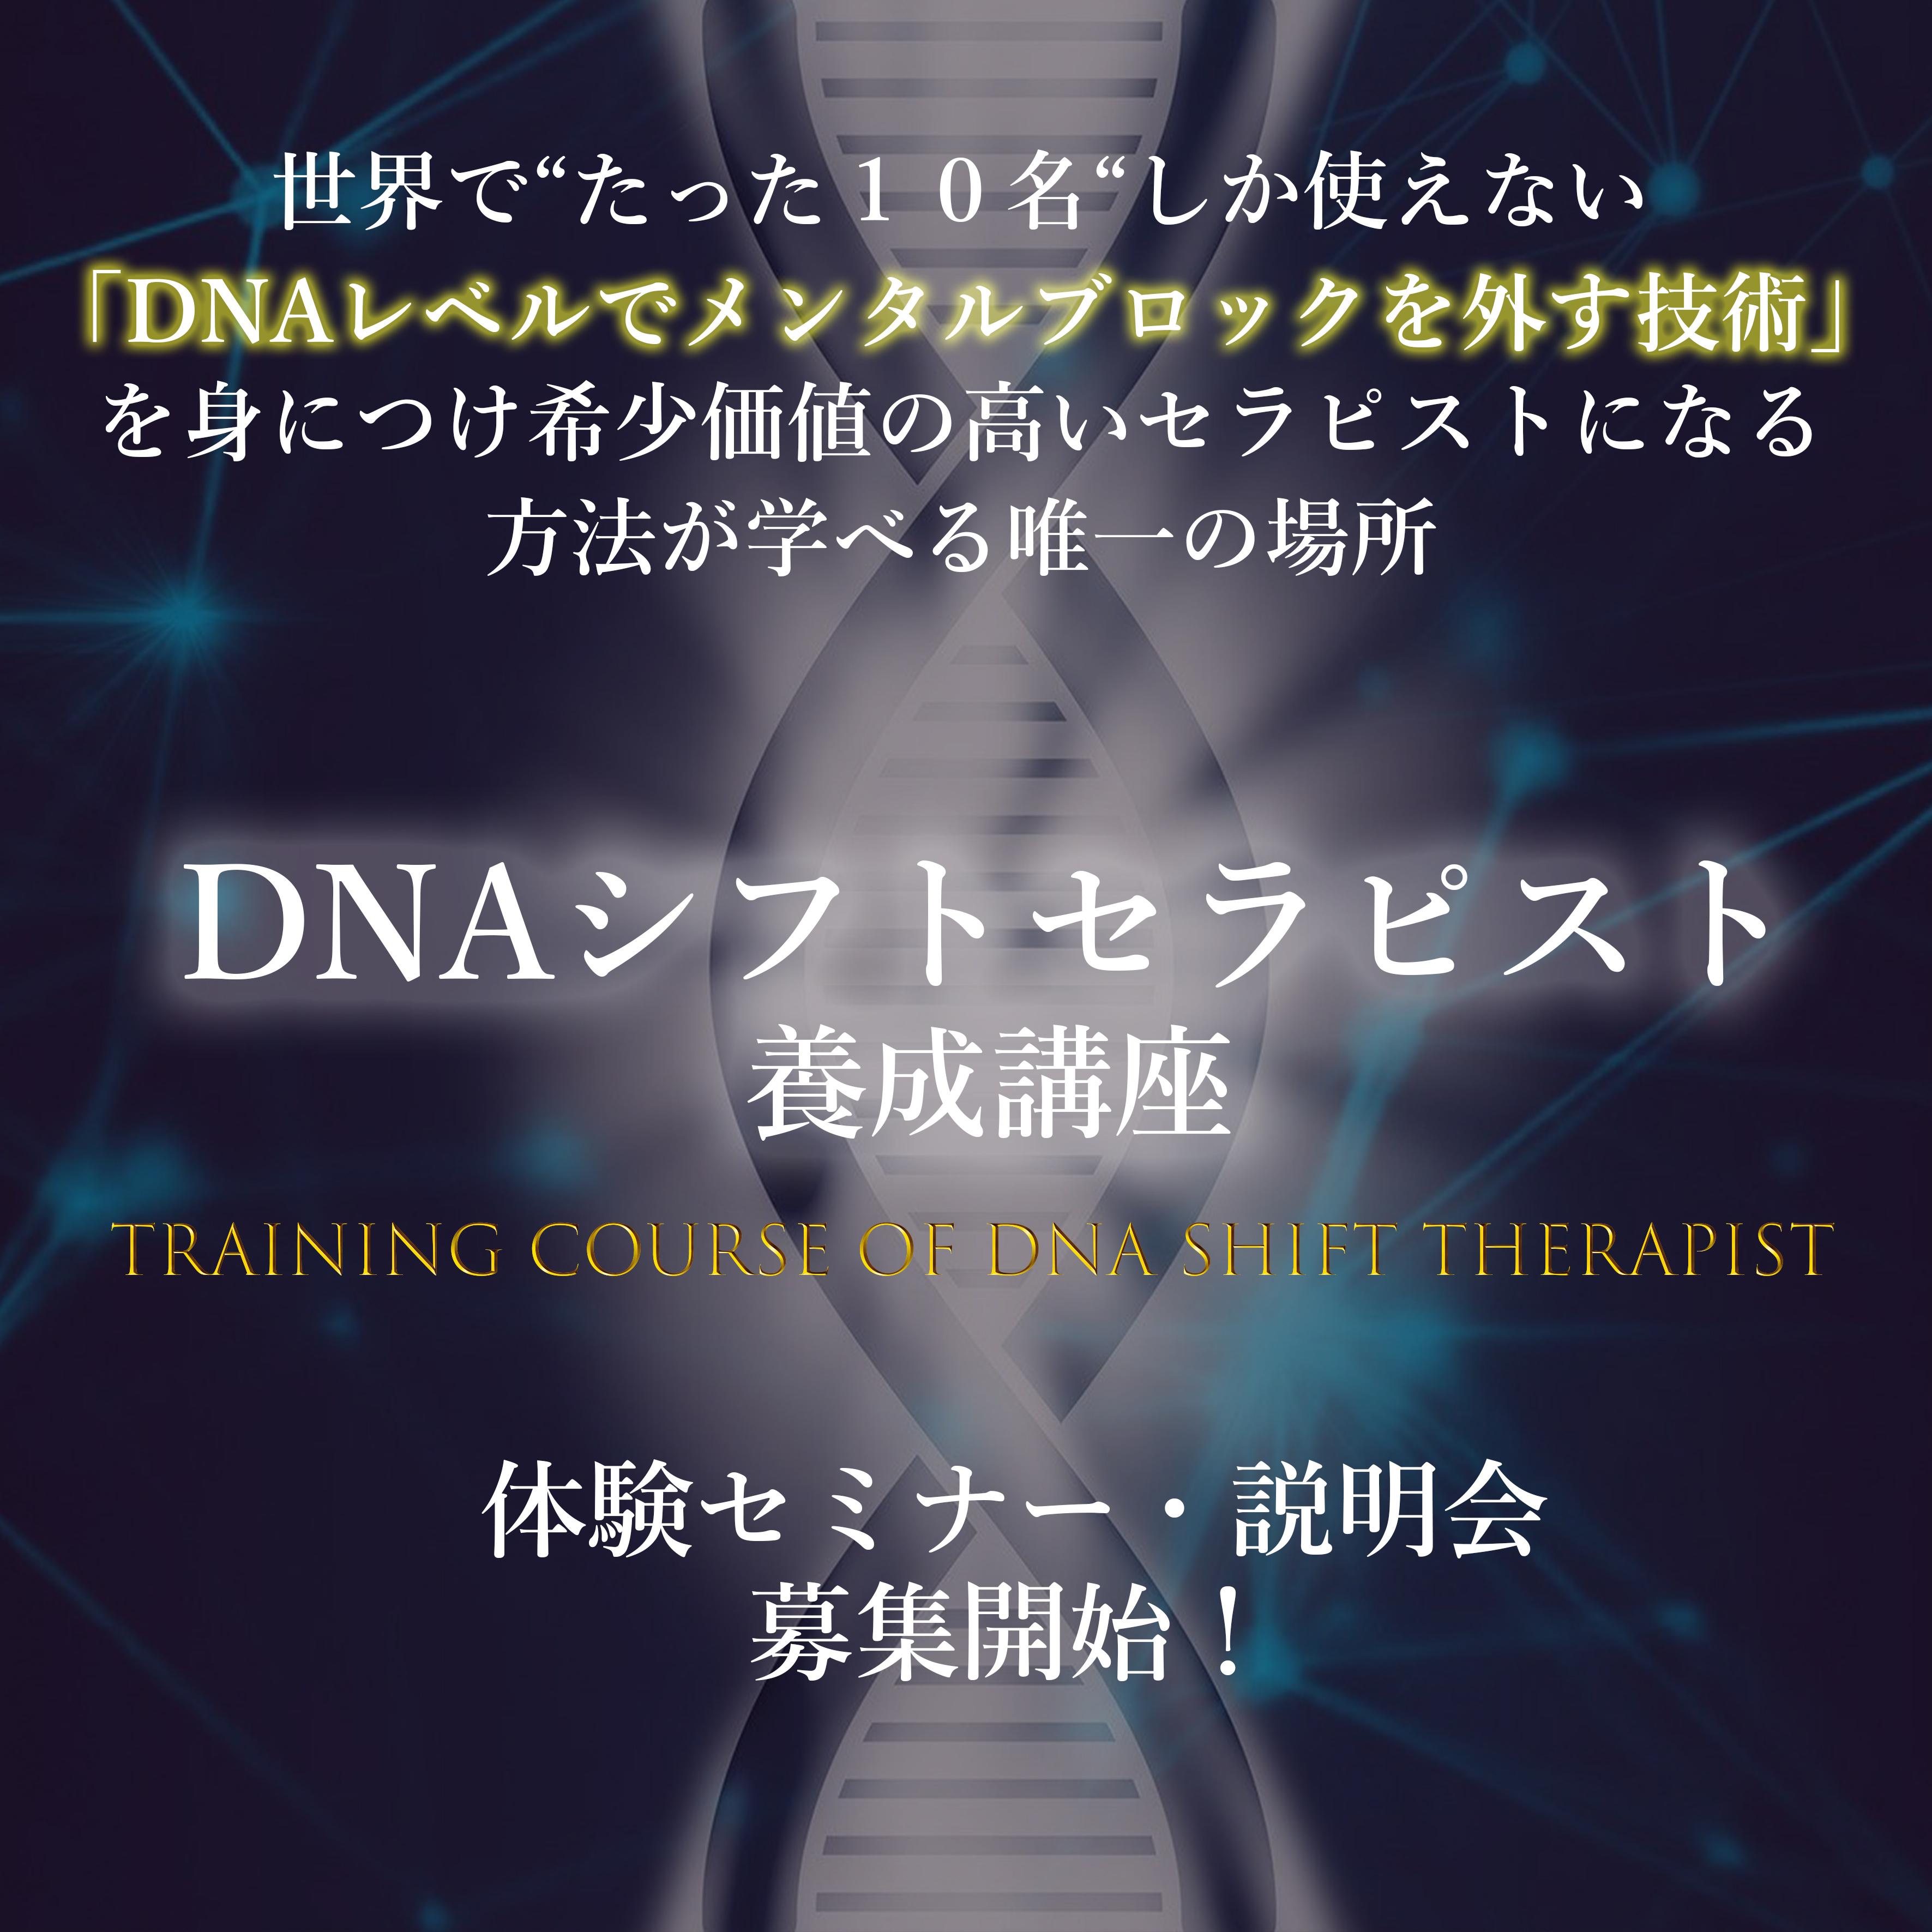 DNAシフトセラピスト養成講座